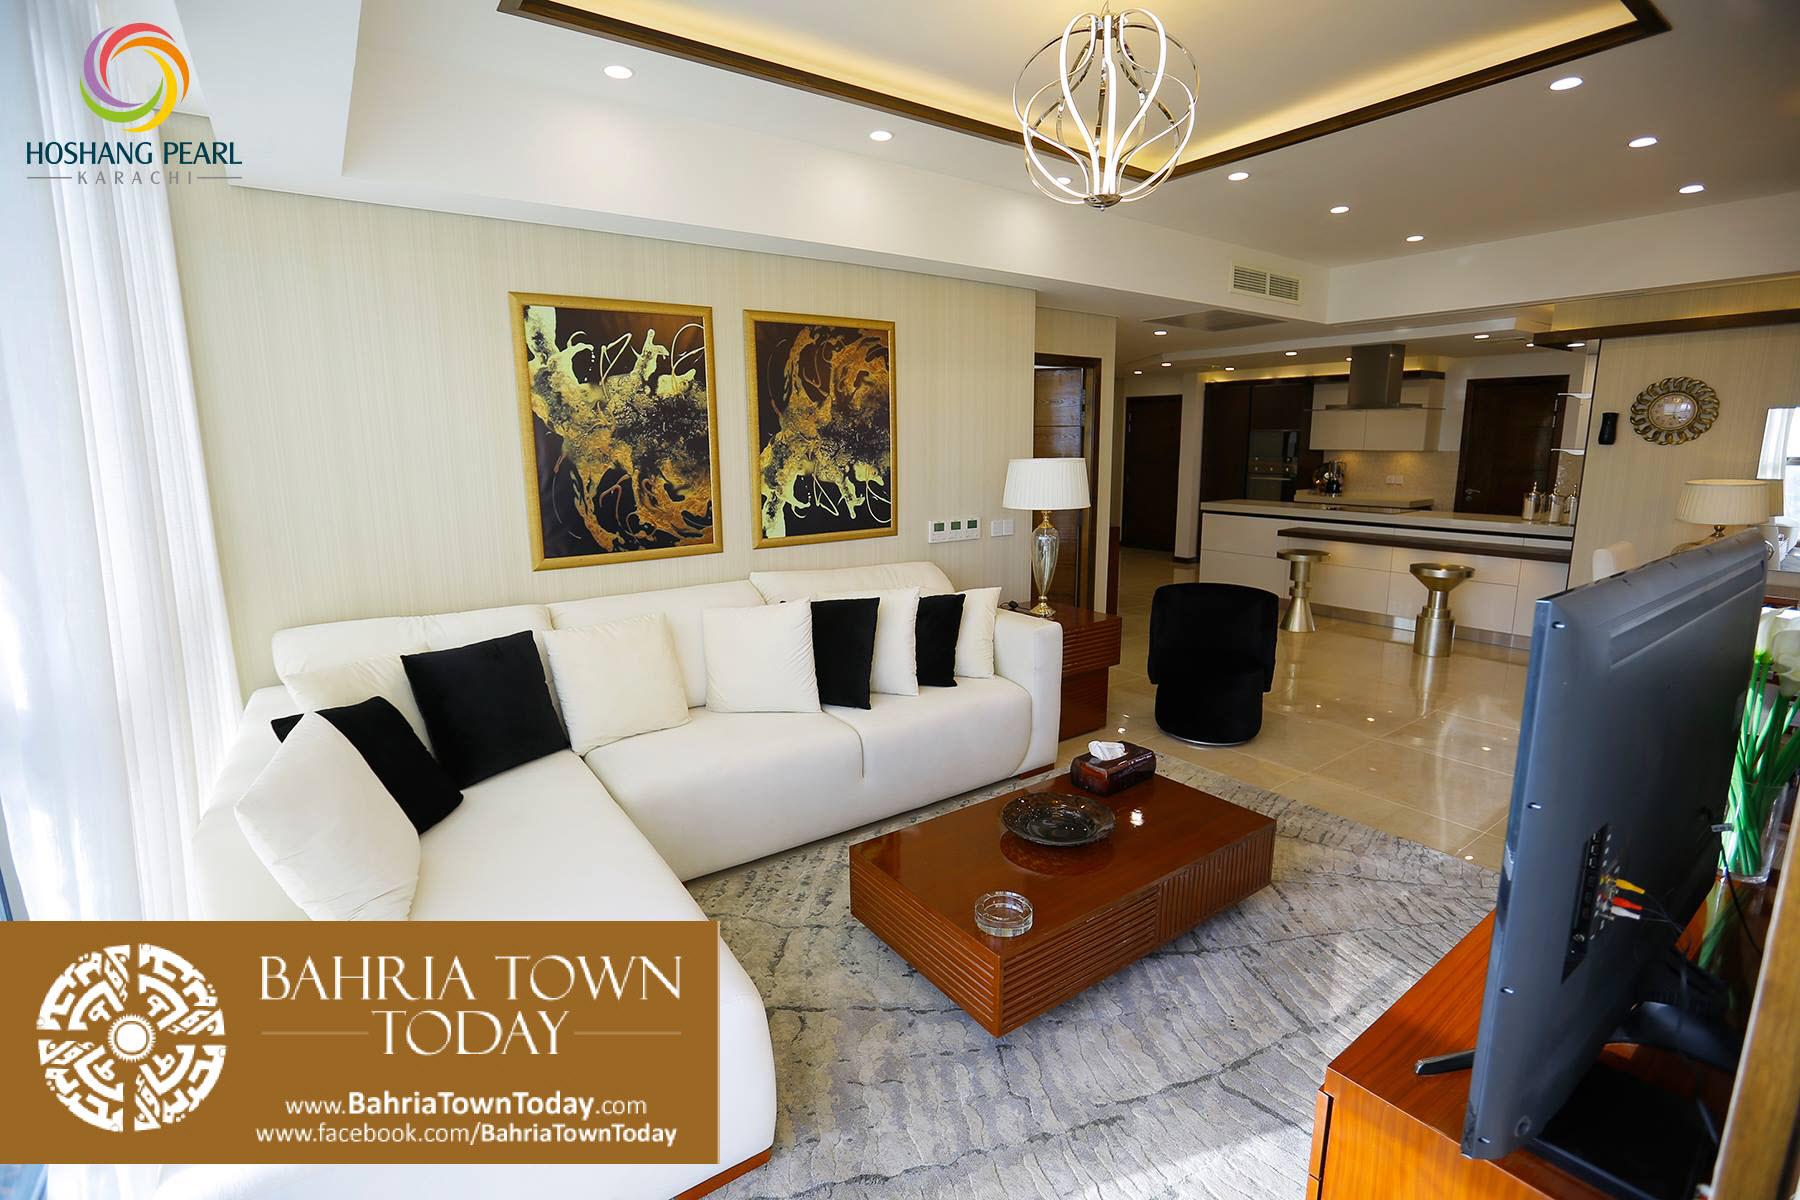 [Model Apartment] Hoshang Pearl Karachi (10)